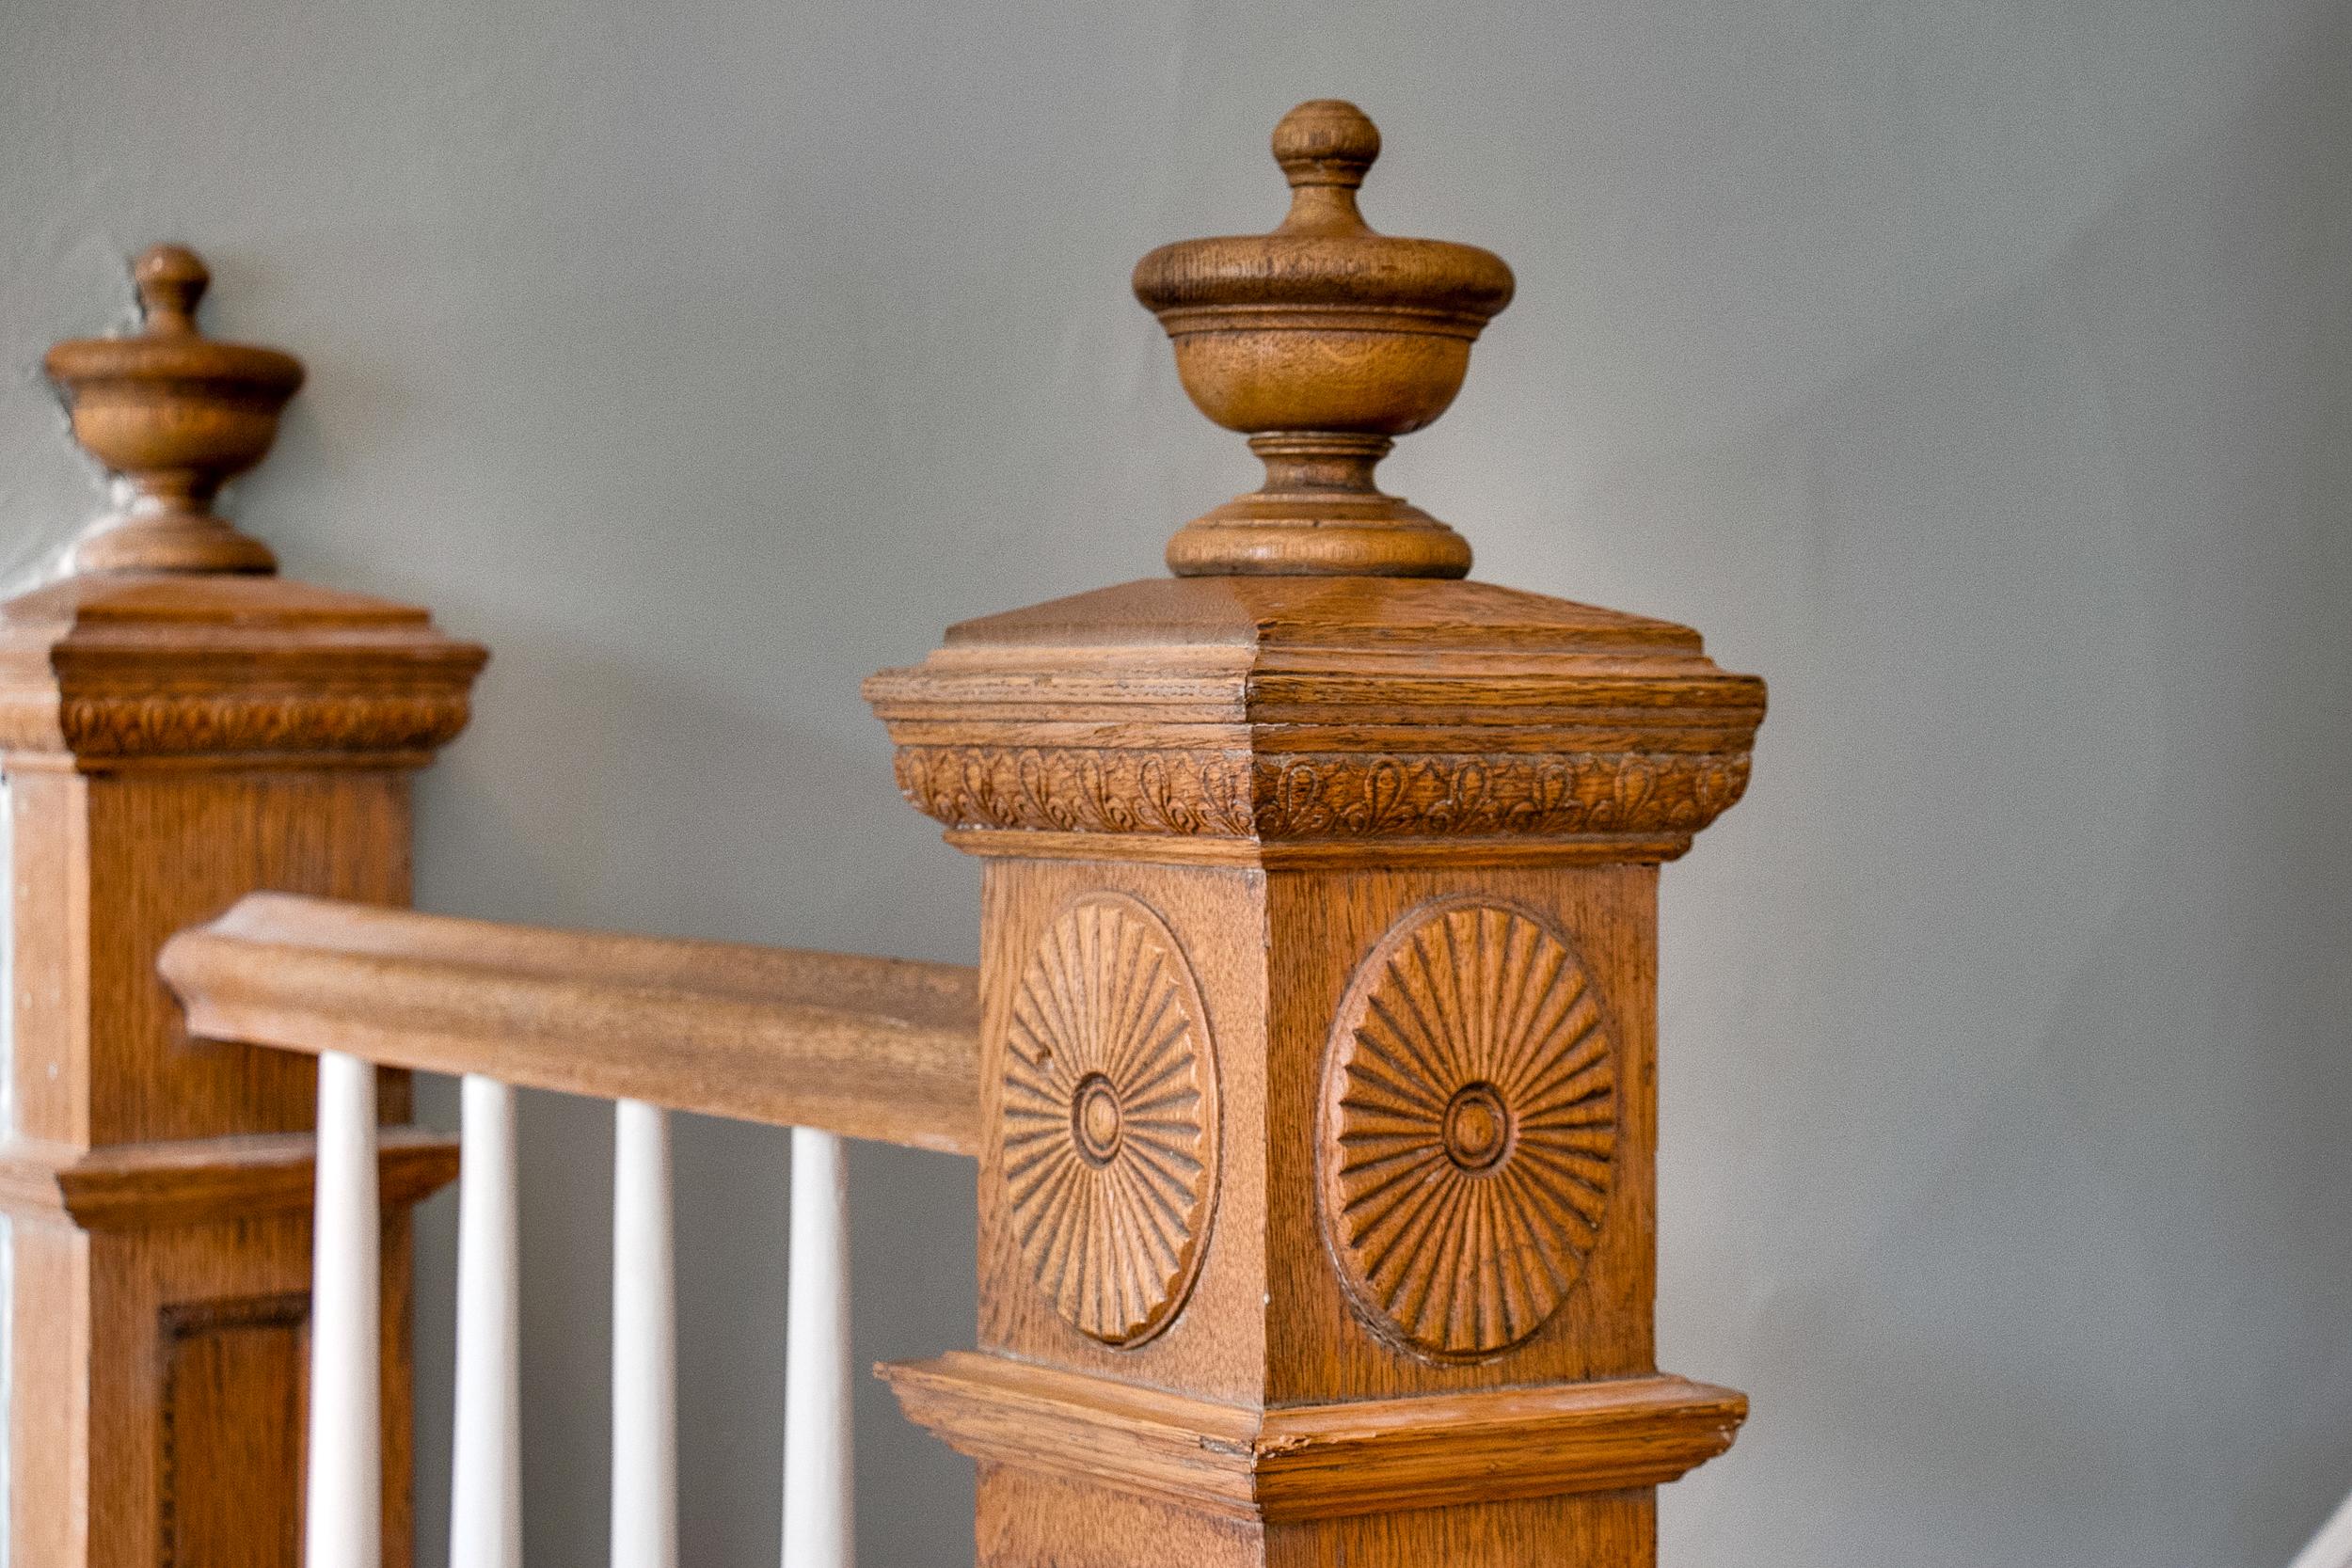 12 Stair case details.jpg